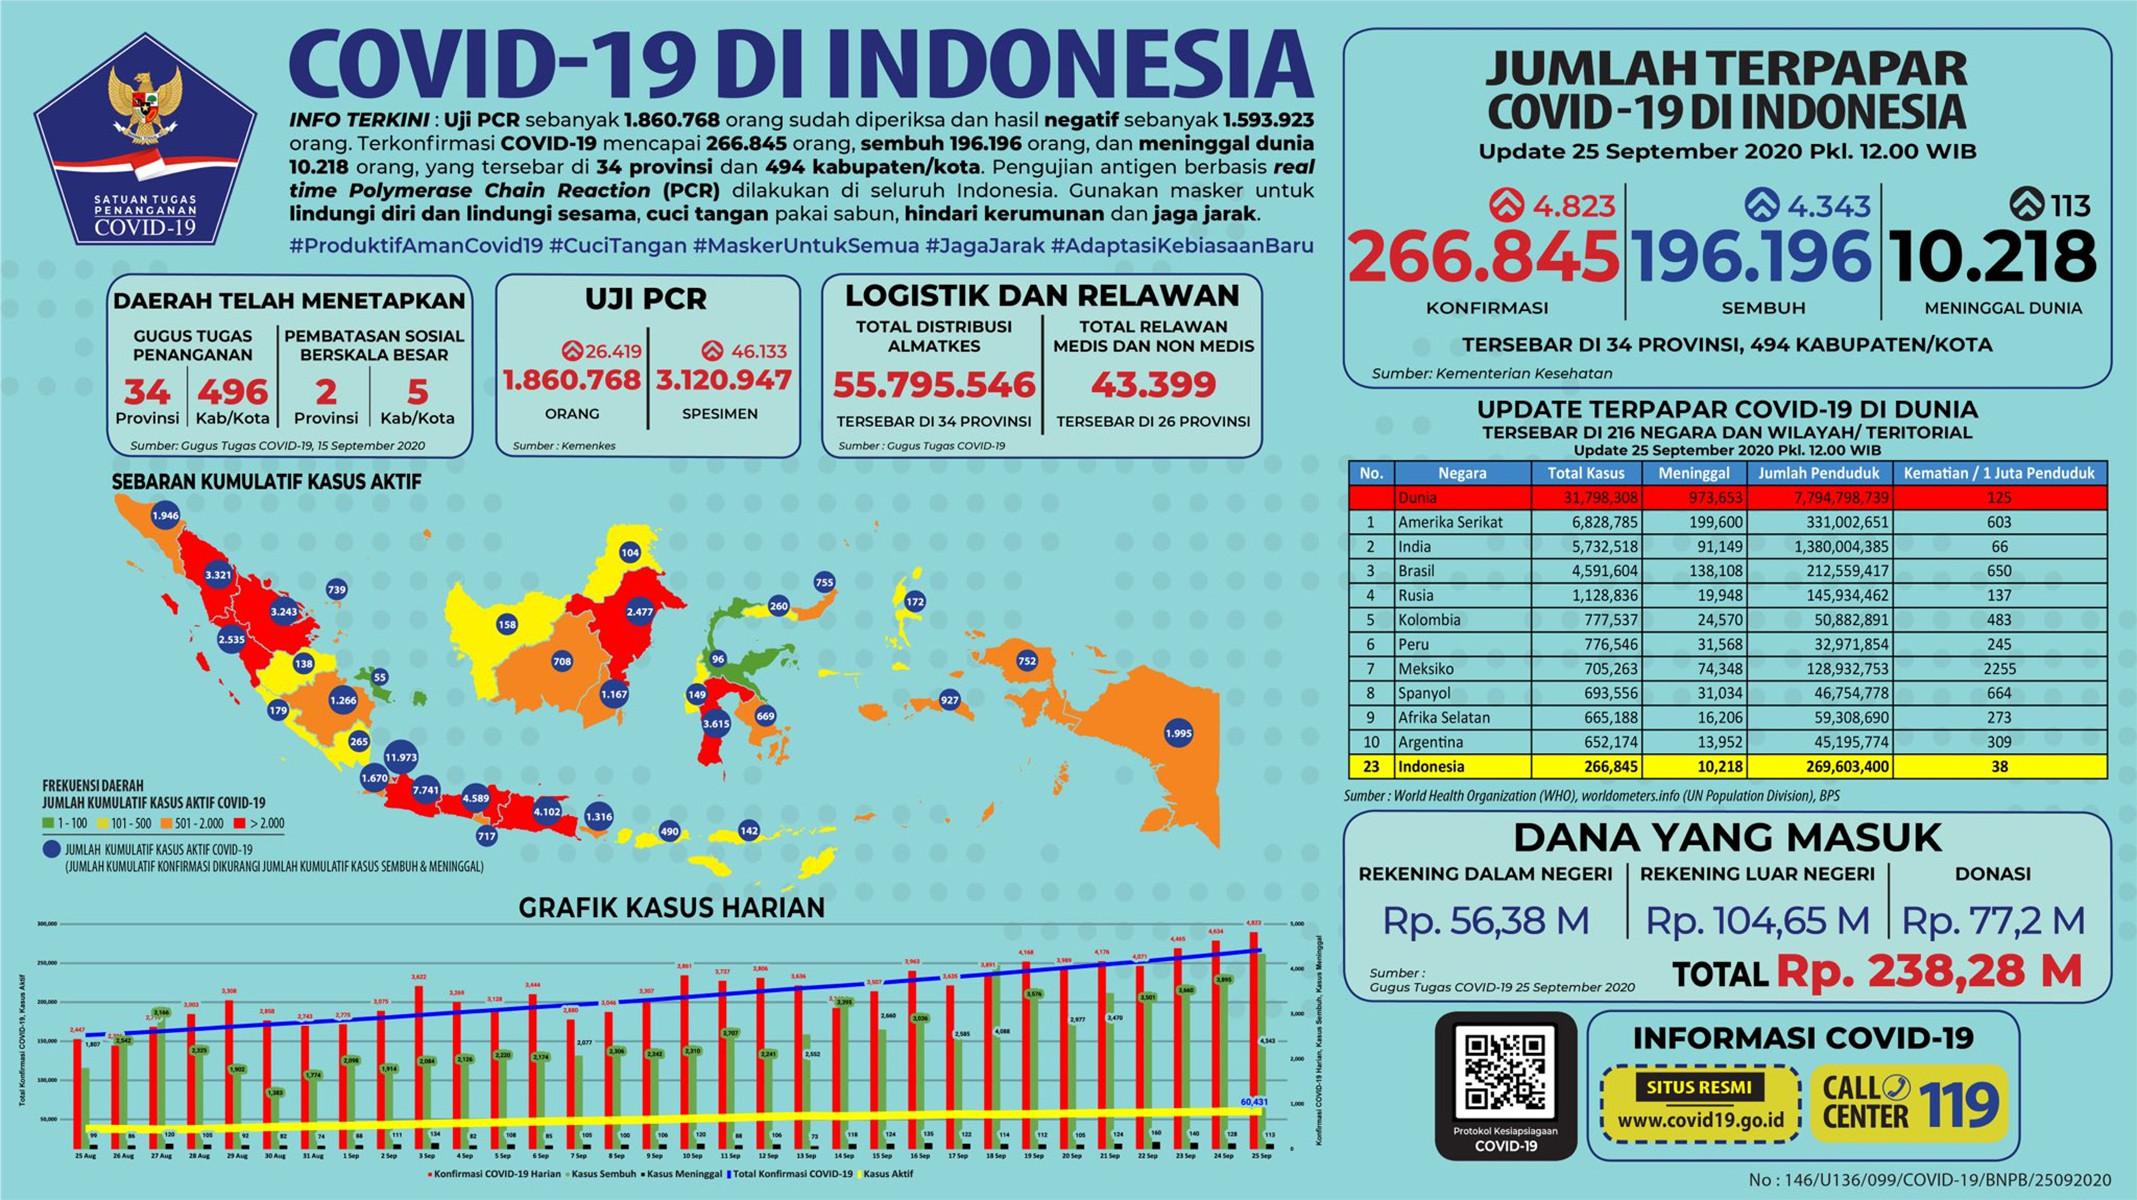 Guru Besar dari UGM Prediksi Covid-19 di Indonesia Berakhir pada.. - JPNN.com